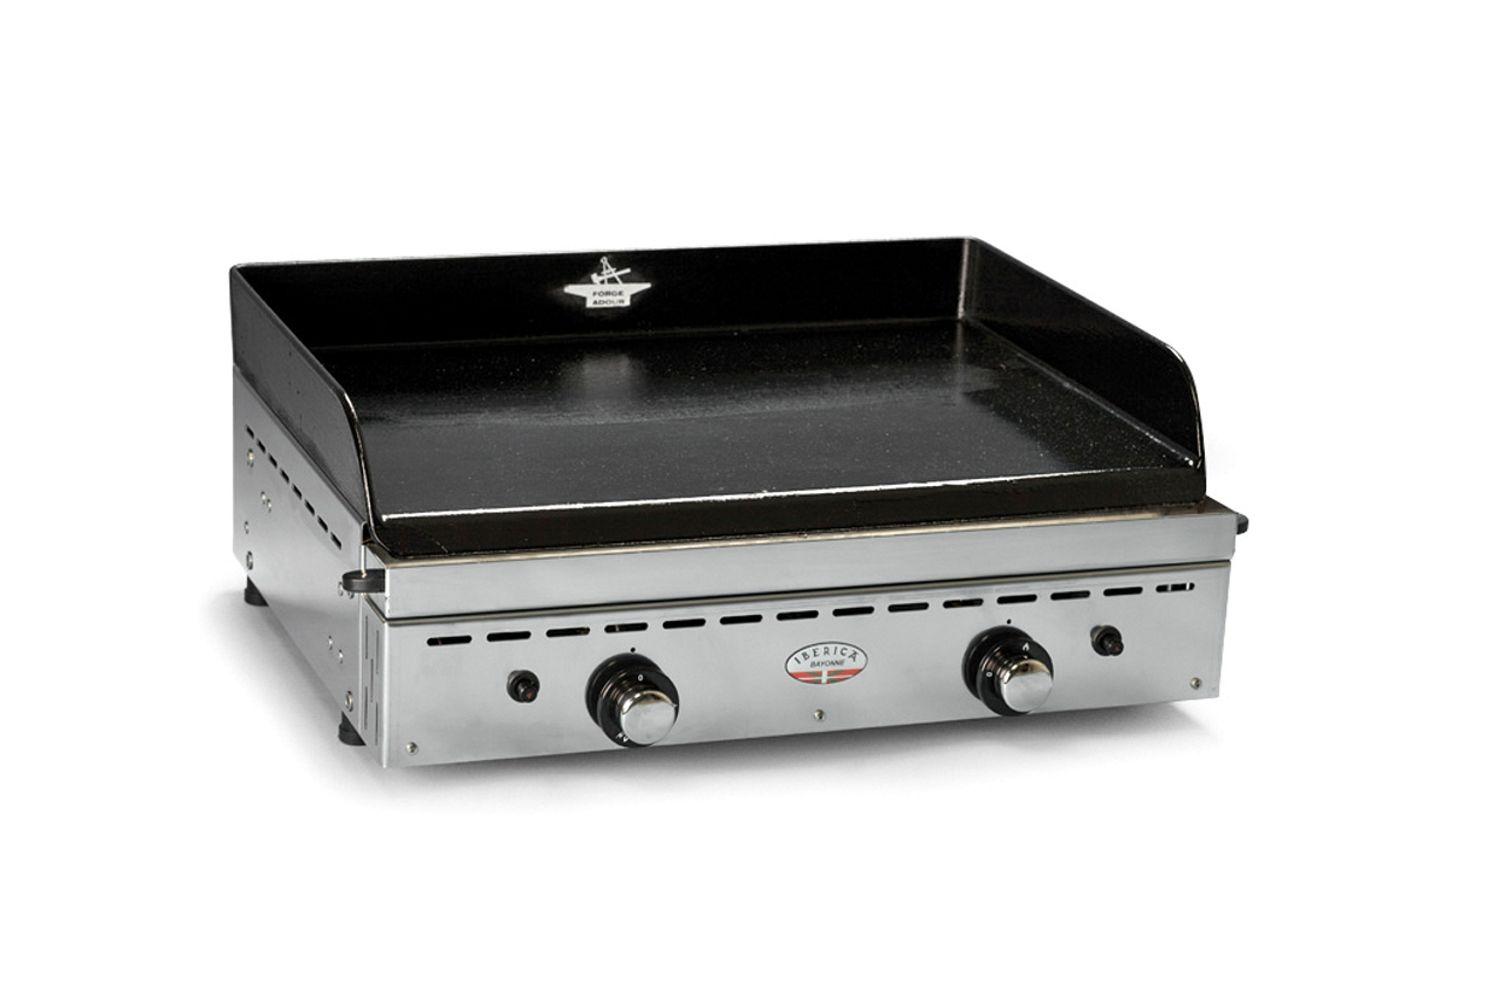 Barbecue Ou Plancha Que Choisir barbecue | buitenkeuken, buiten koken, bakplaat